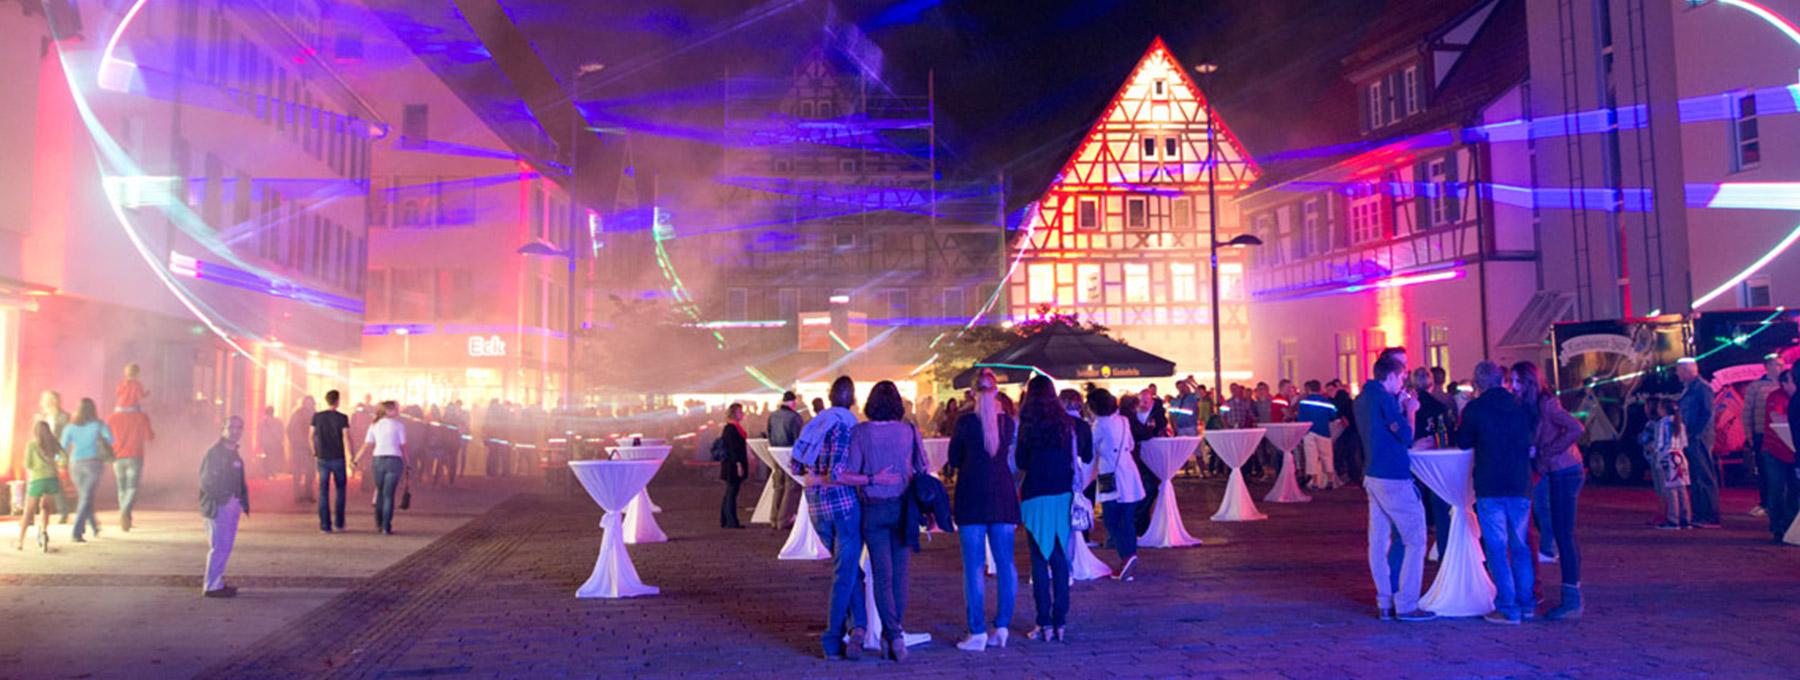 Der Marktplatz beim Mitternachtsshopping